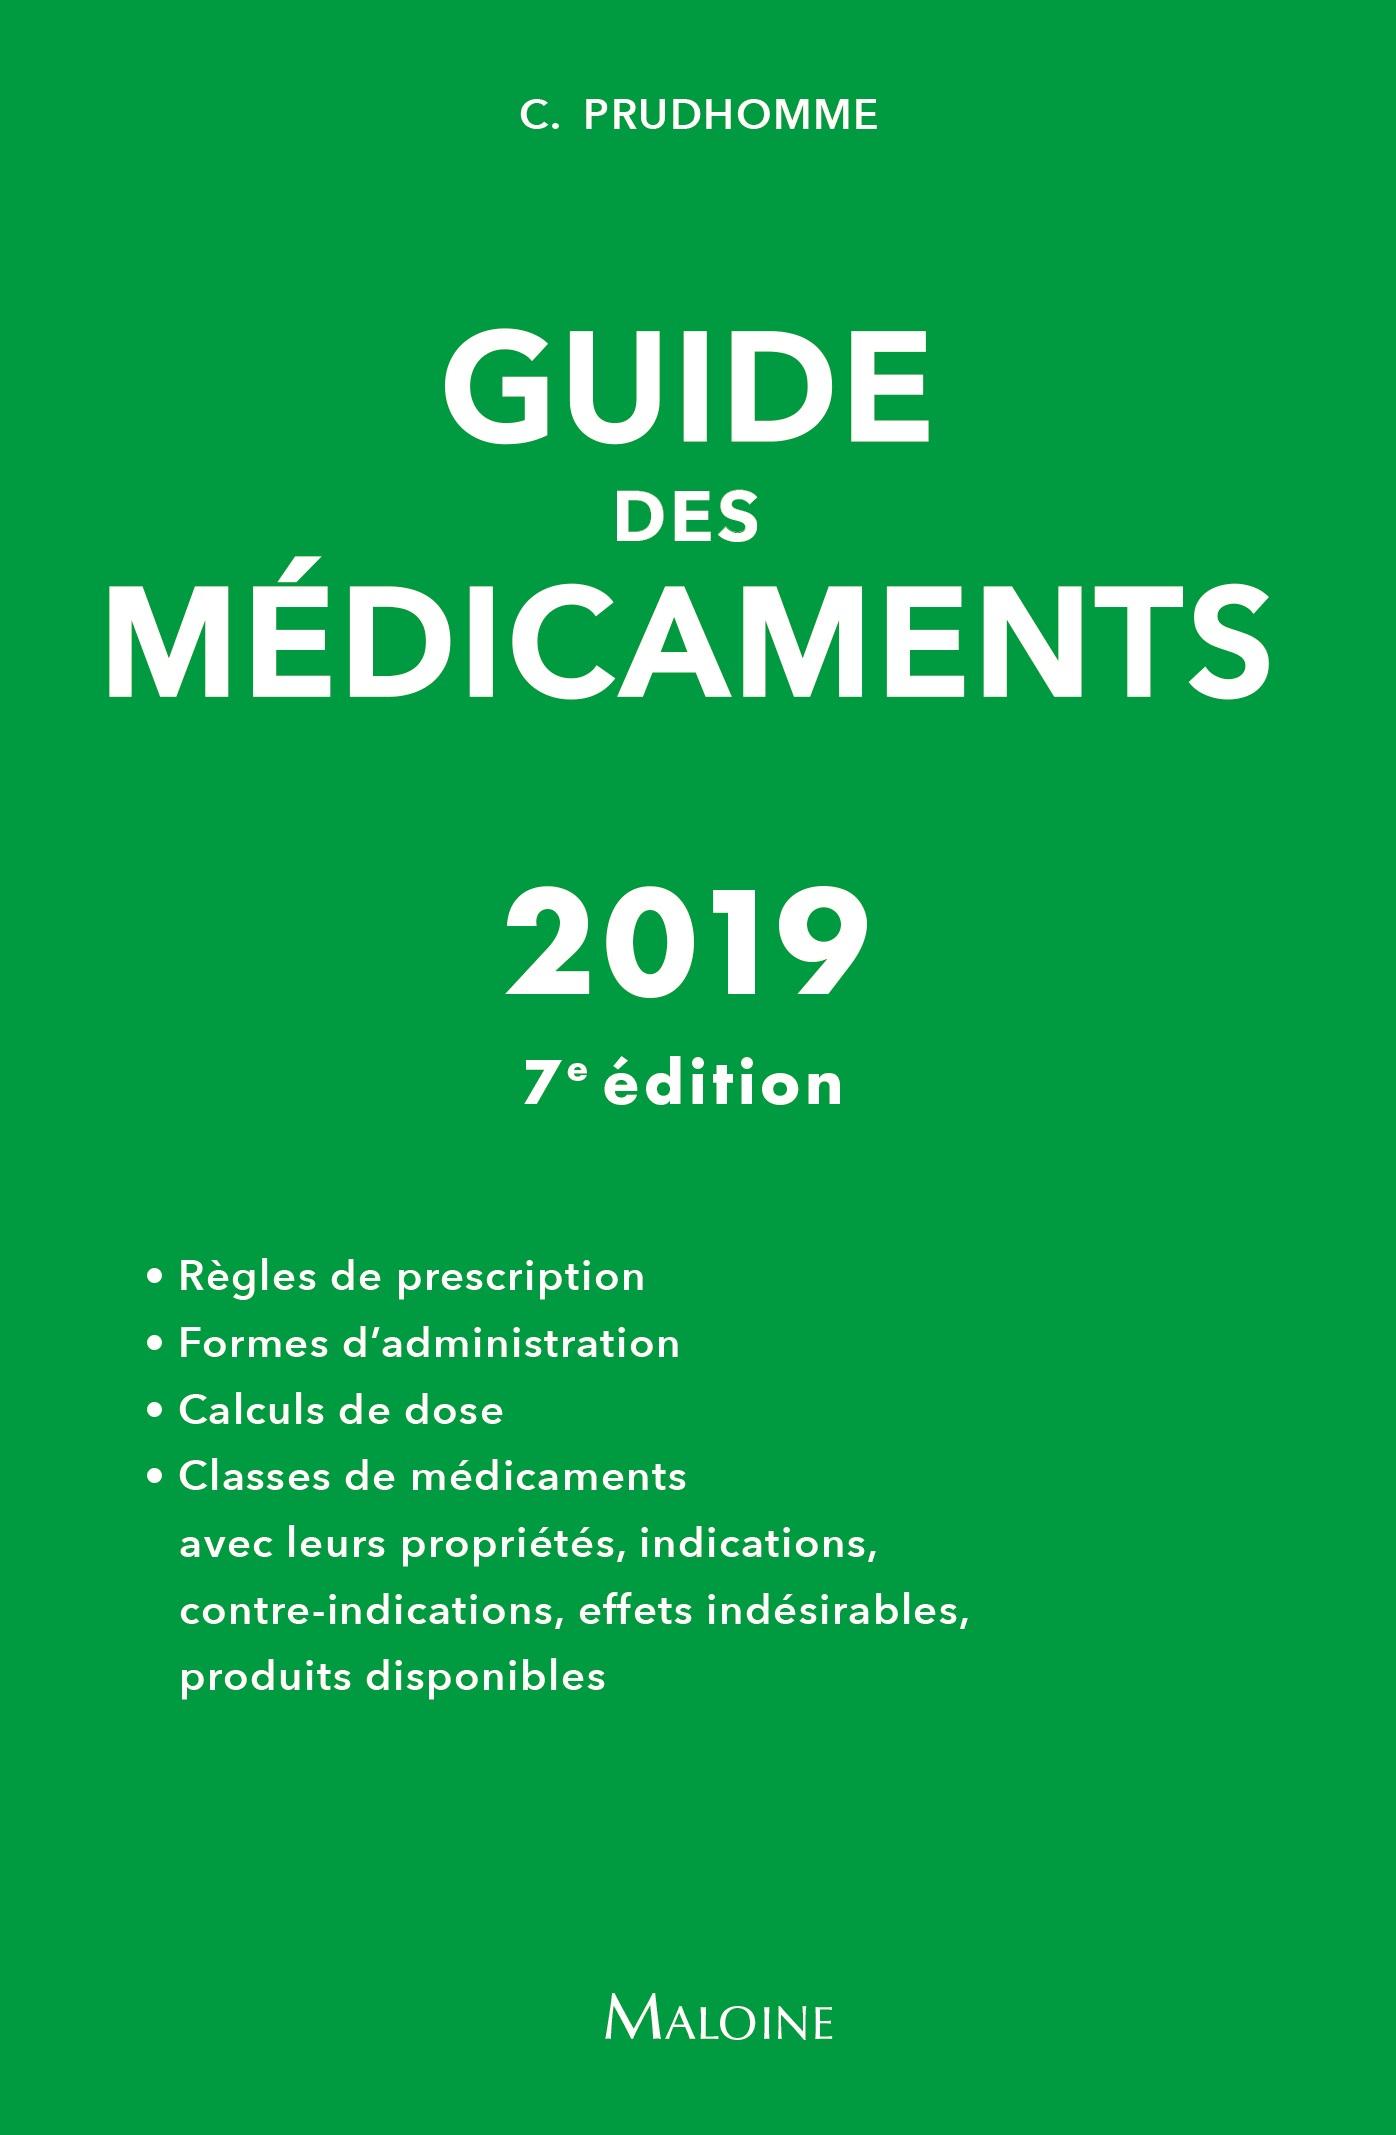 Guide des médicaments 2019, 7e éd.